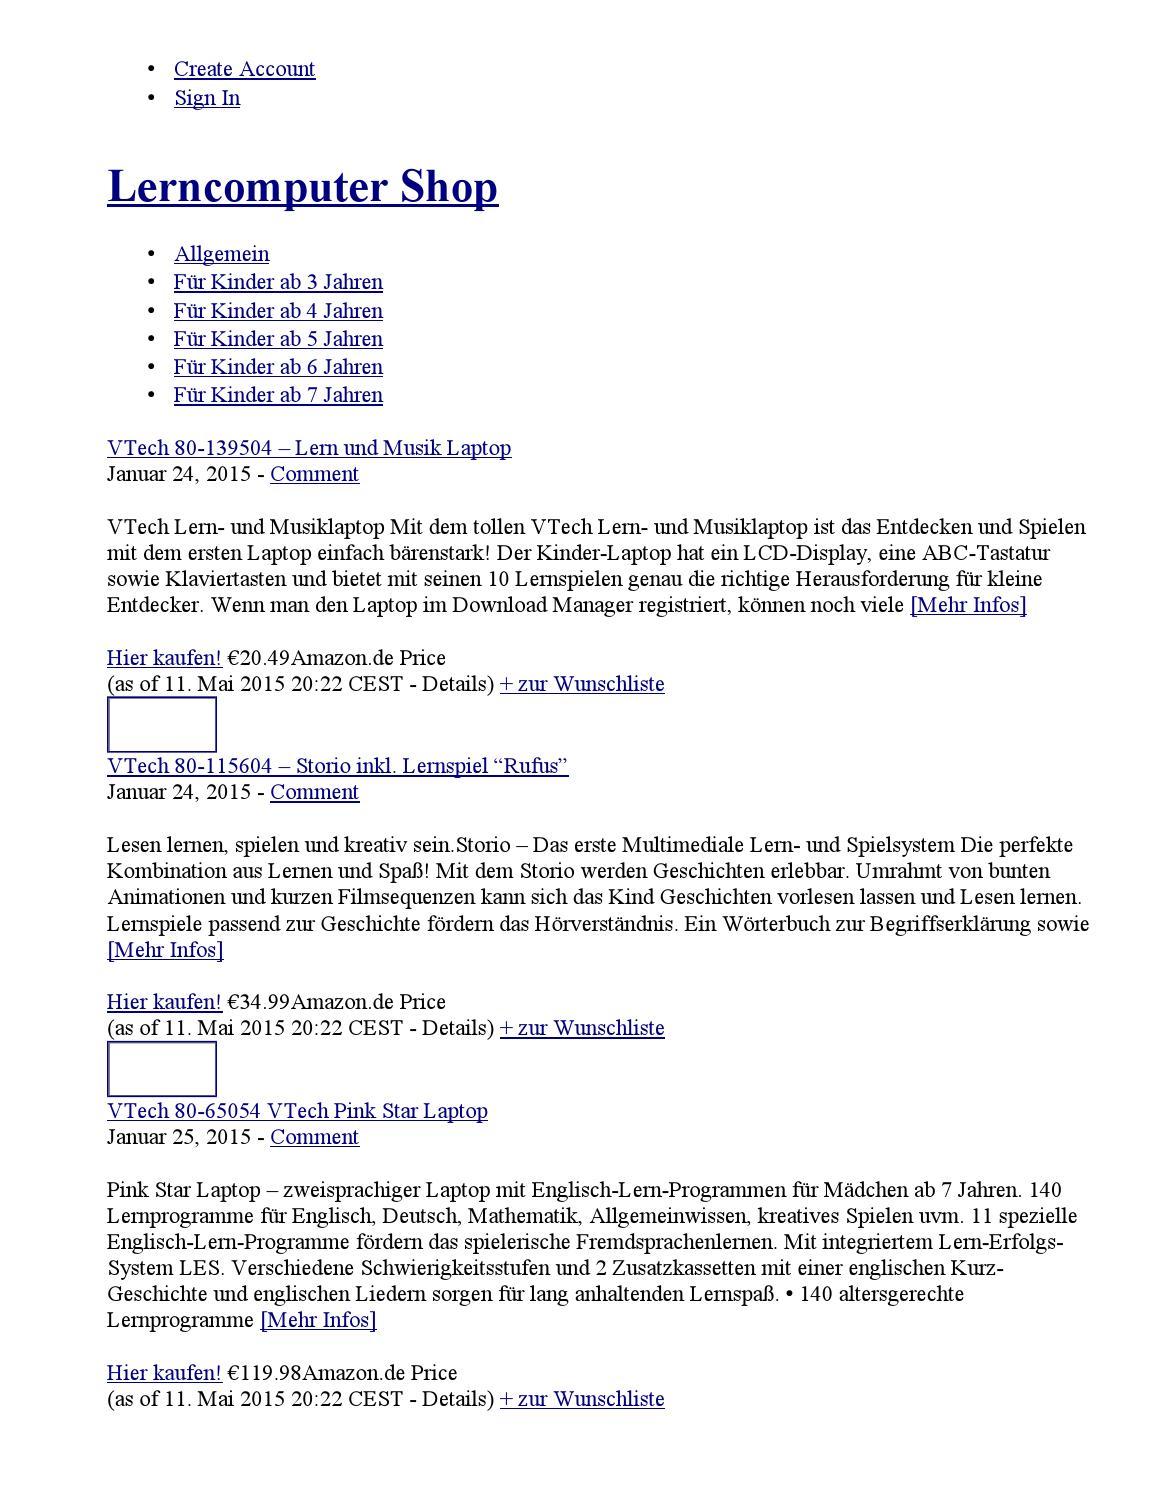 vtech 80 074454 lerncomputer genius lern laptop pink by. Black Bedroom Furniture Sets. Home Design Ideas